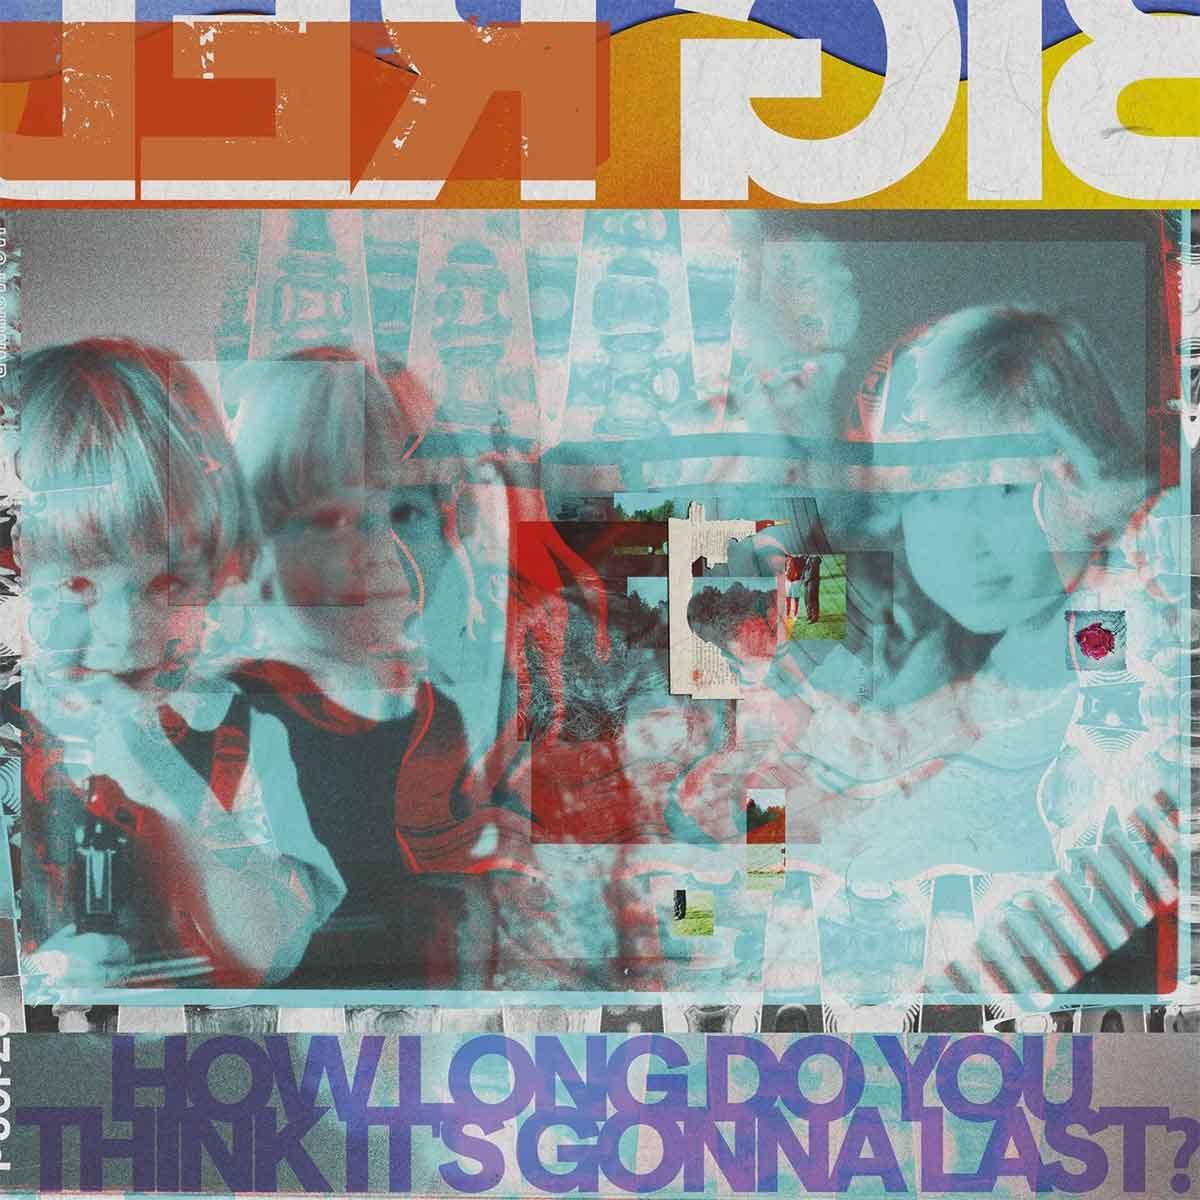 Tapa de How Long Do You Think It's Gonna Last?, disco de Big Red Machine